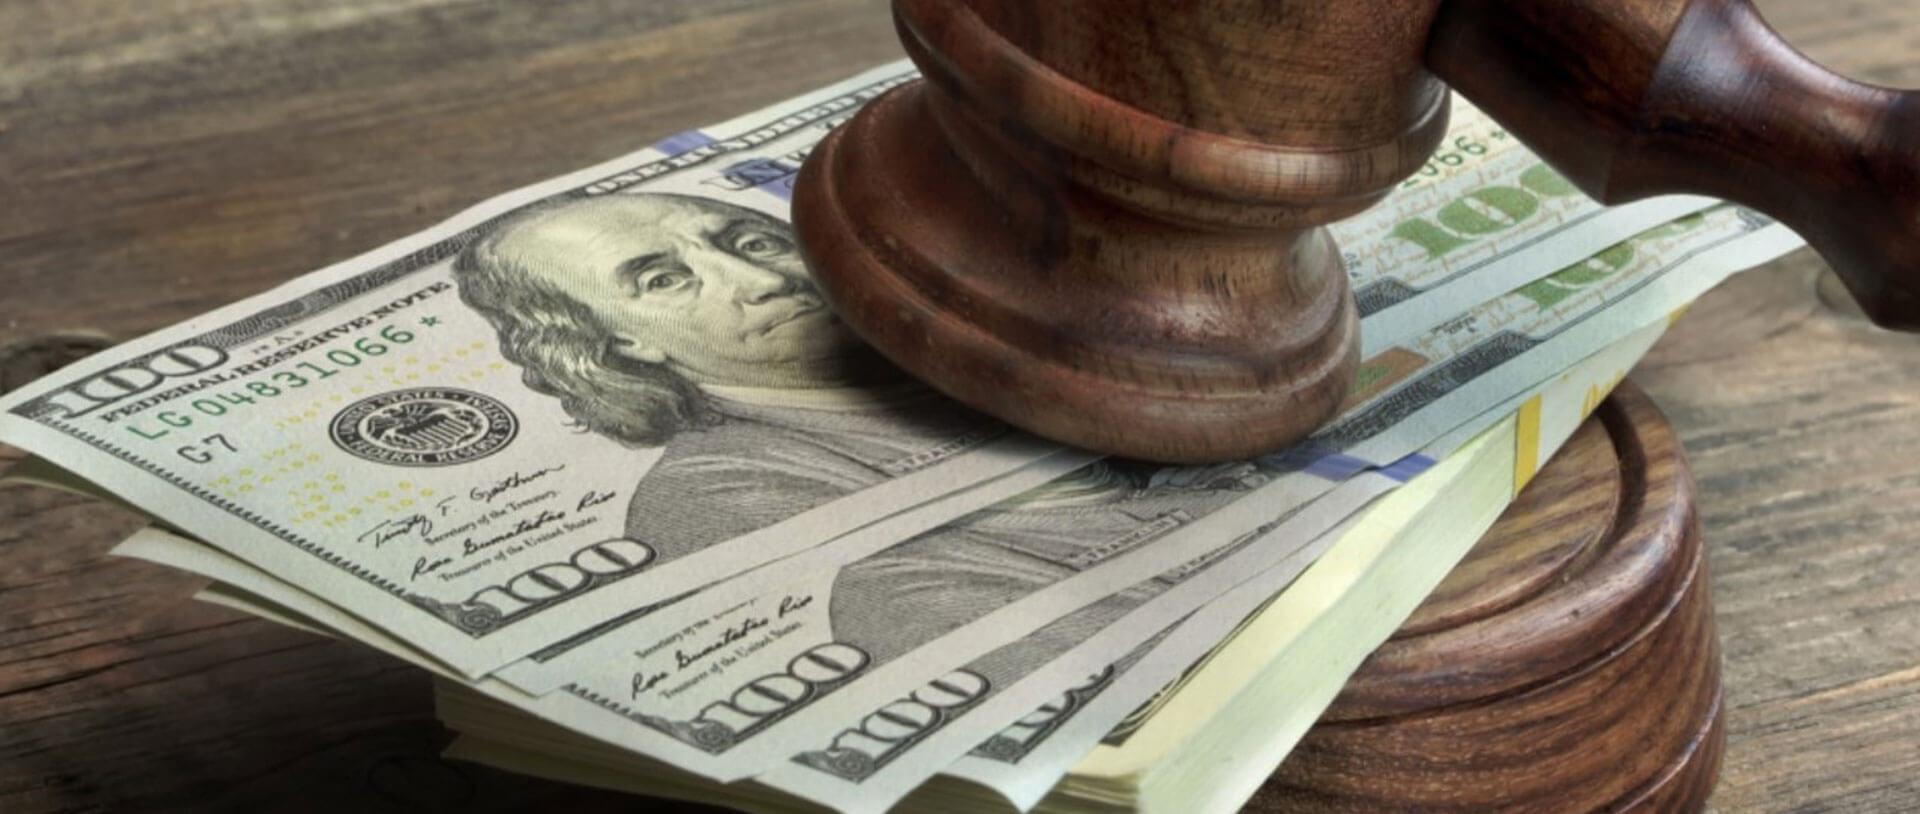 Оплата судебных издержек в гражданском или коммерческом процессе в Испании